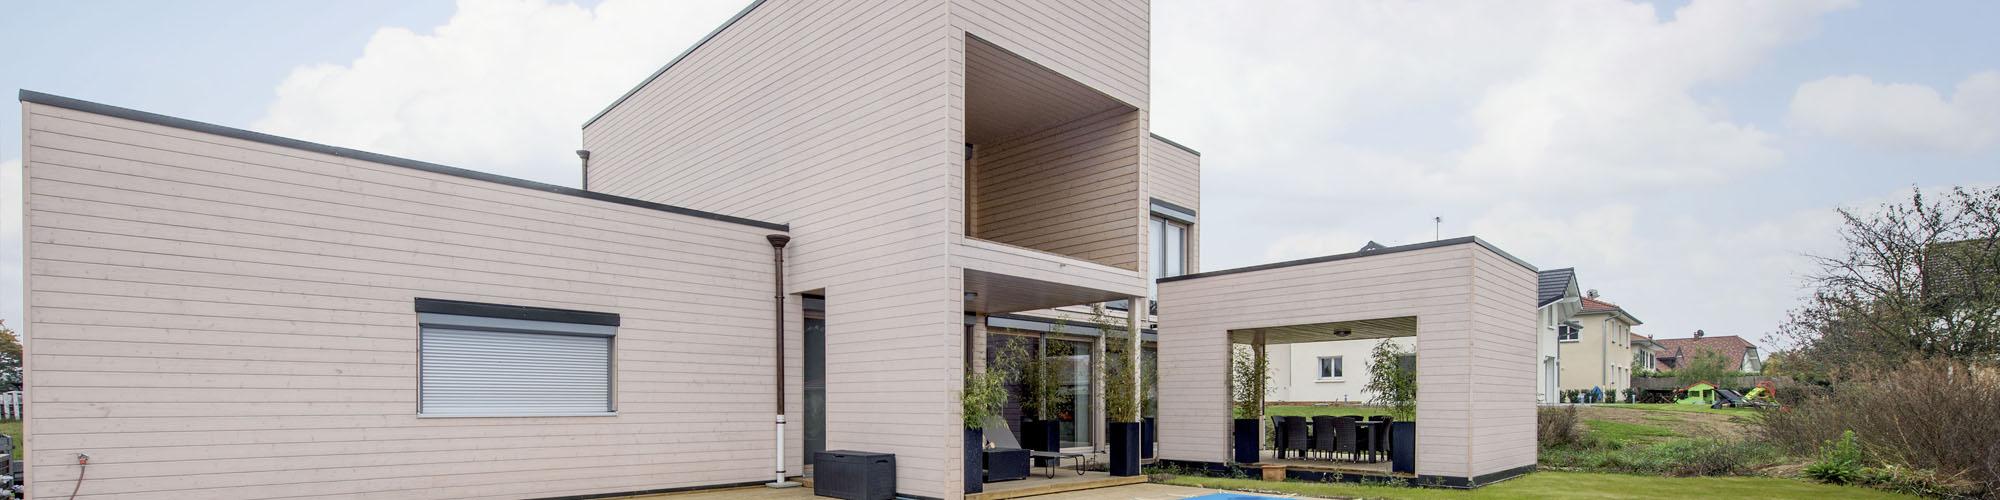 Constructeur Maison Bois Rhone Alpes – Maison Moderne